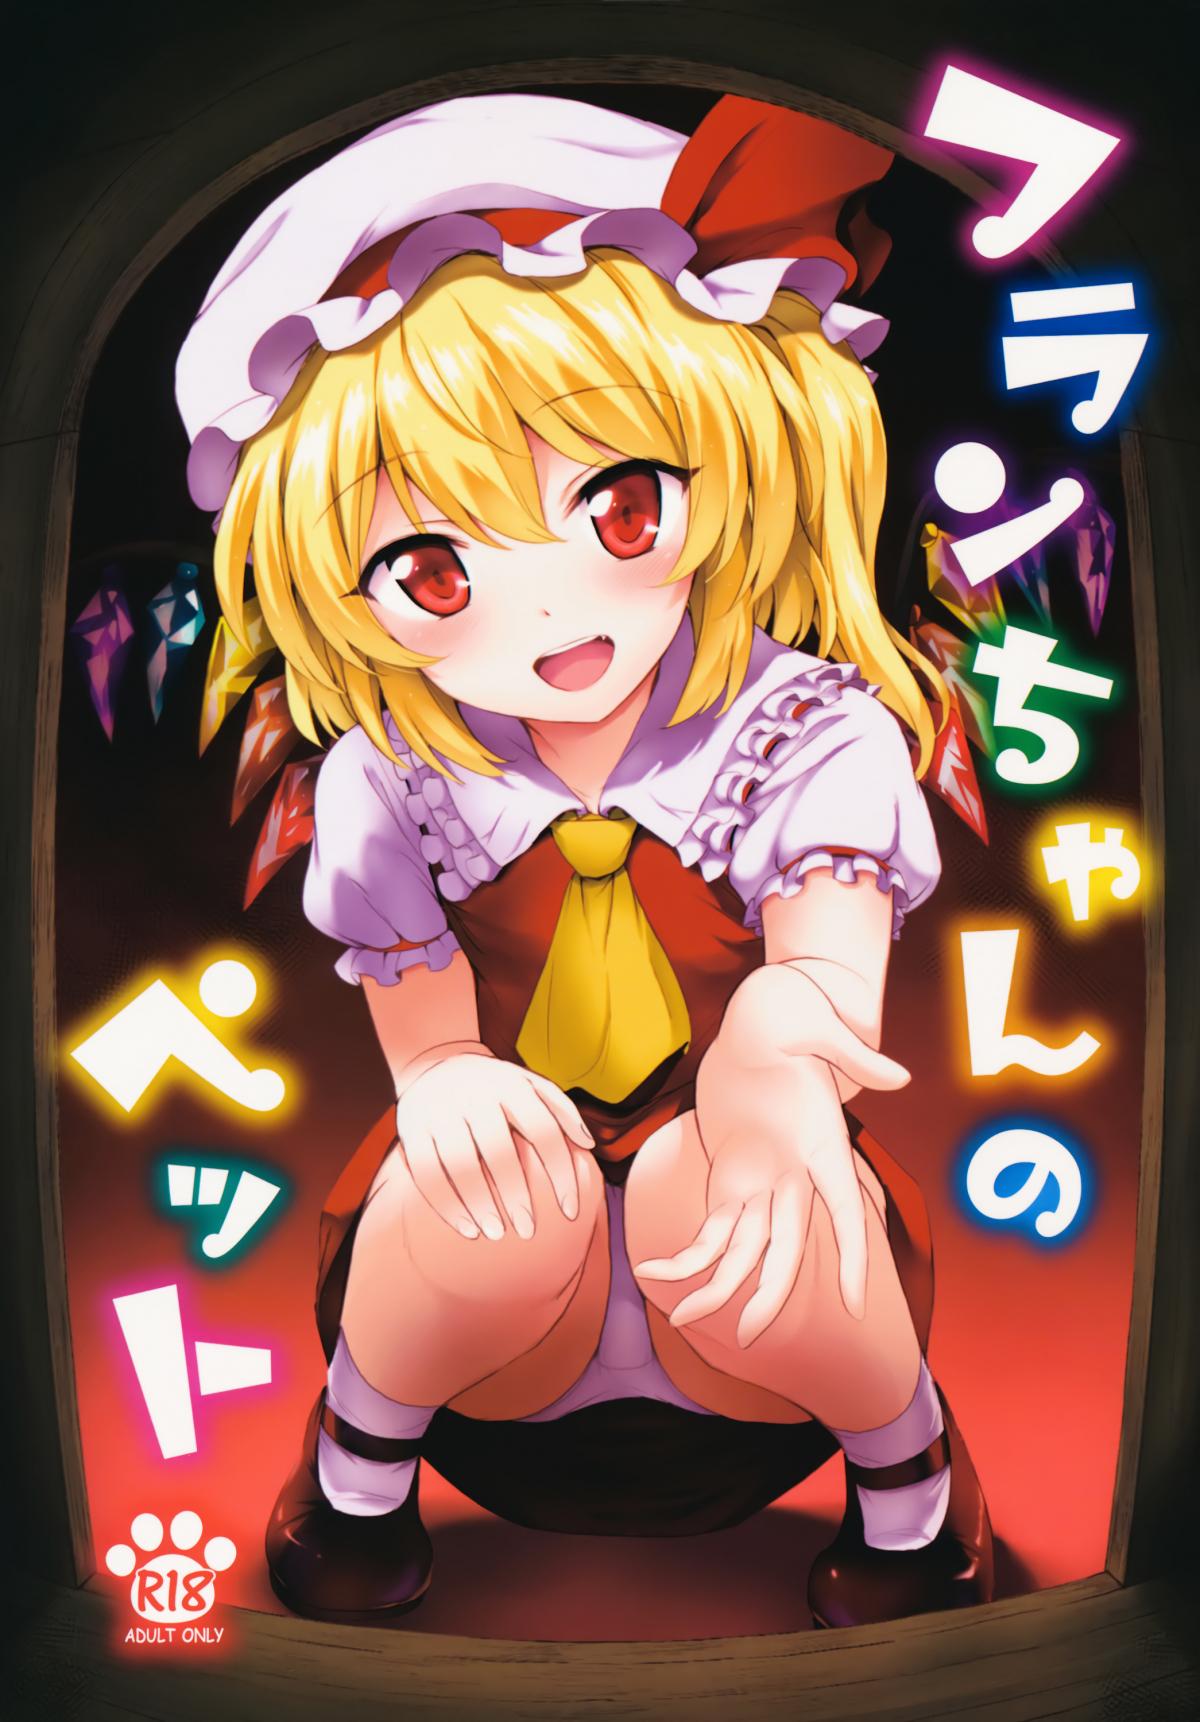 Hình ảnh  in Flan-chan no Pet